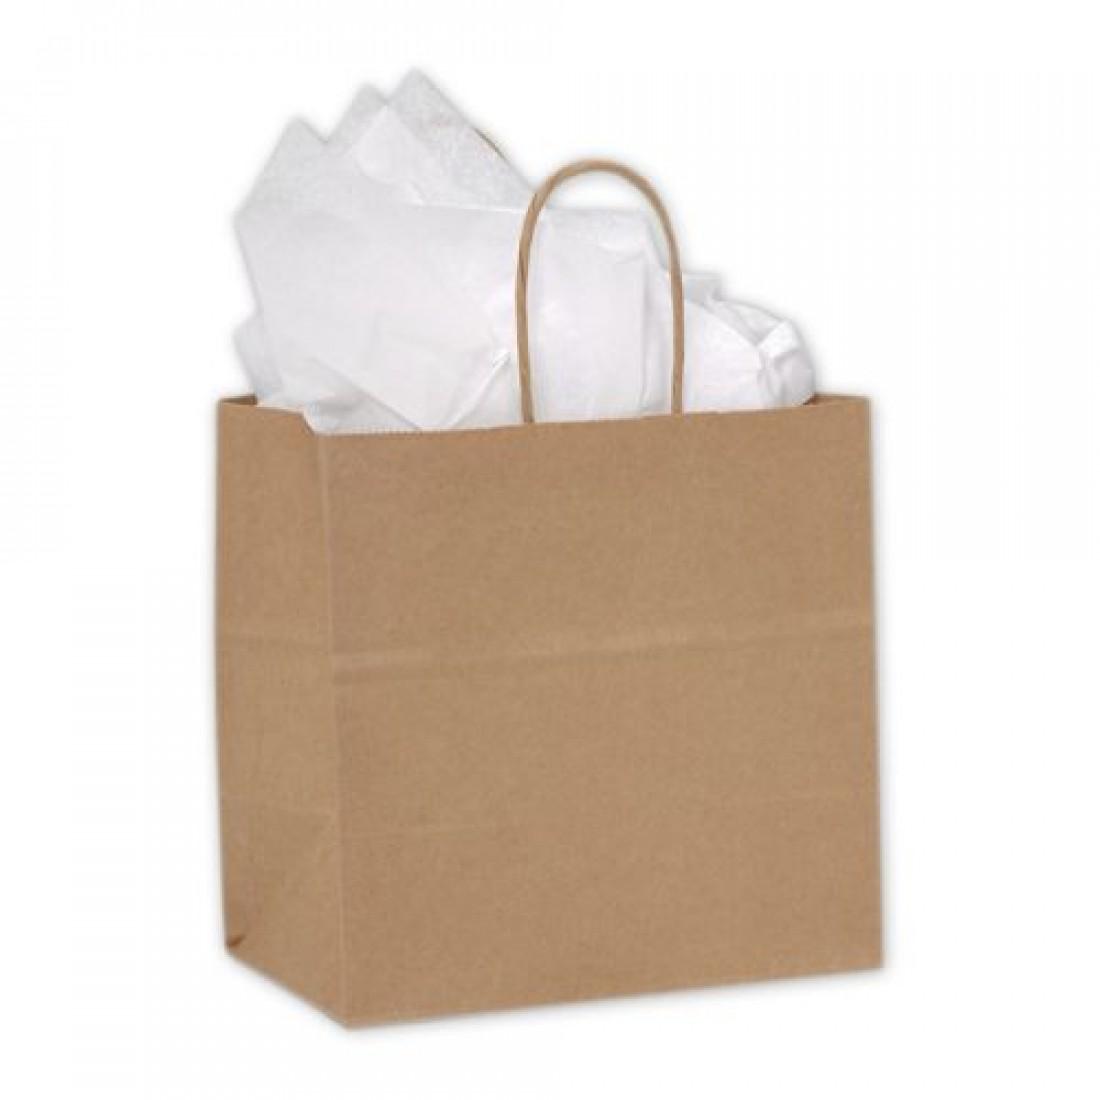 Kraft Paper Bag 8 x 5 x 8